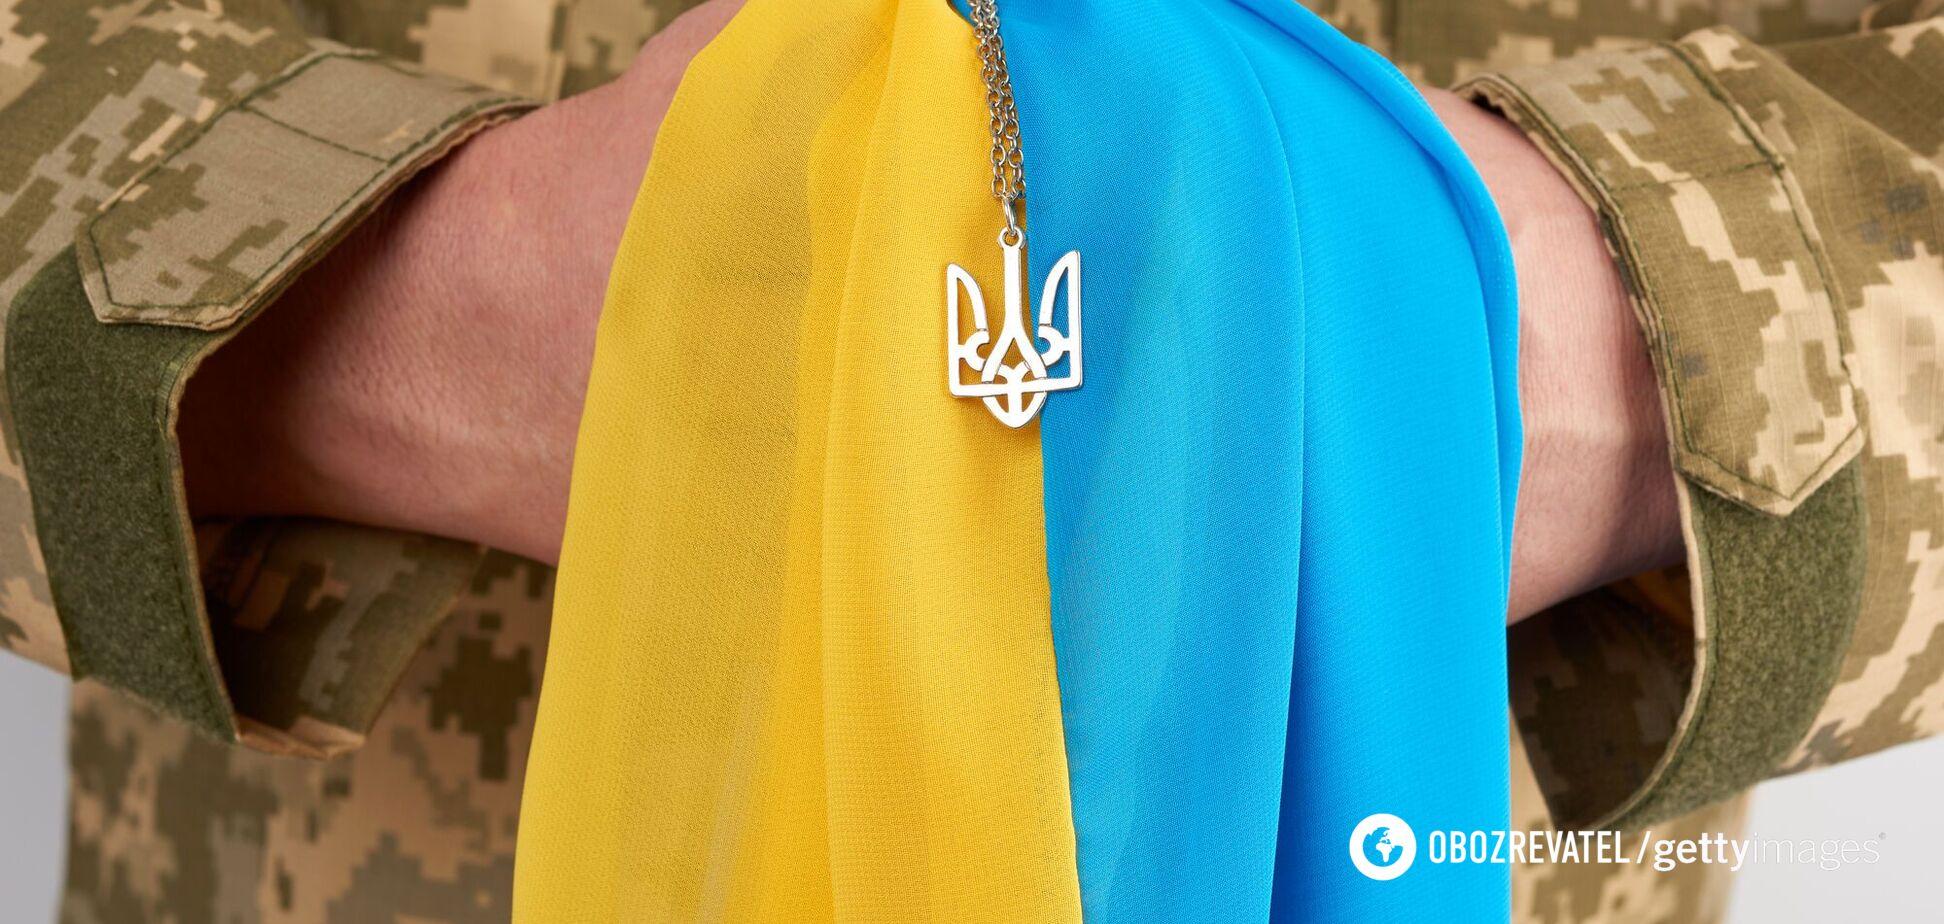 Досить помирати за Україну!